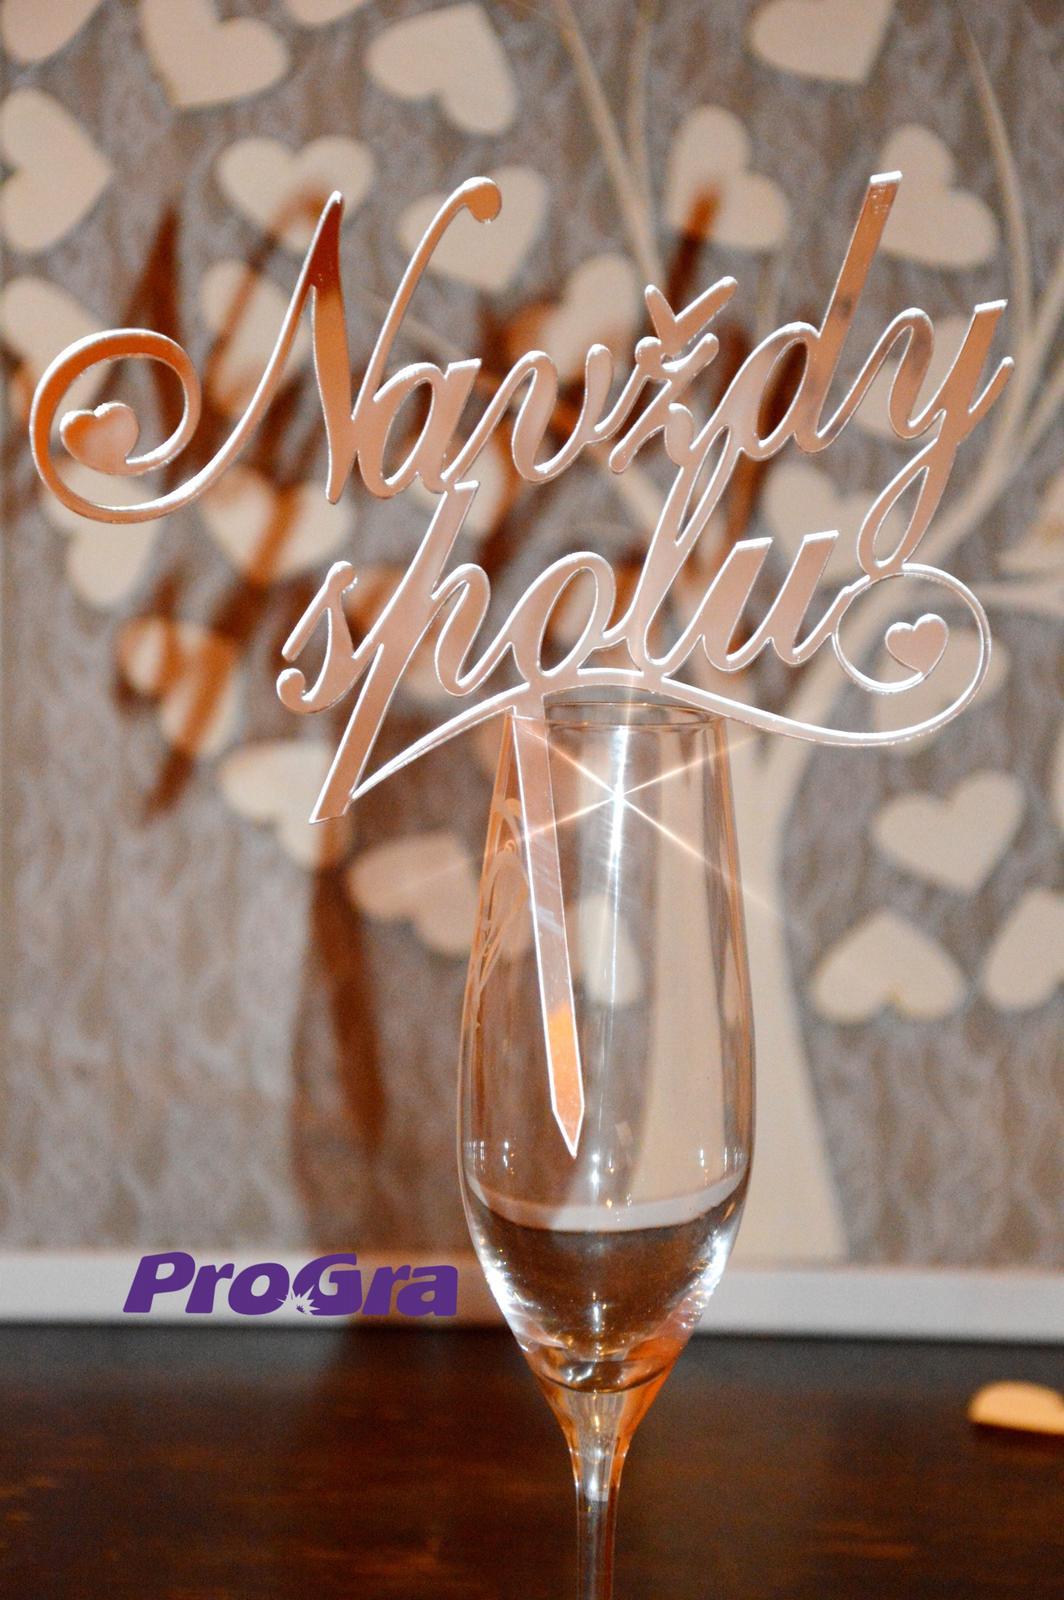 """Originální Svatební Doplňky - Romantický nápis """"Navždy spolu"""" vyřezaný z elegantního zrcadlového plastu může posloužit jako dekorace nejen na svatbu, ale i na výročí svatby, valentýna či dárek z lásky."""